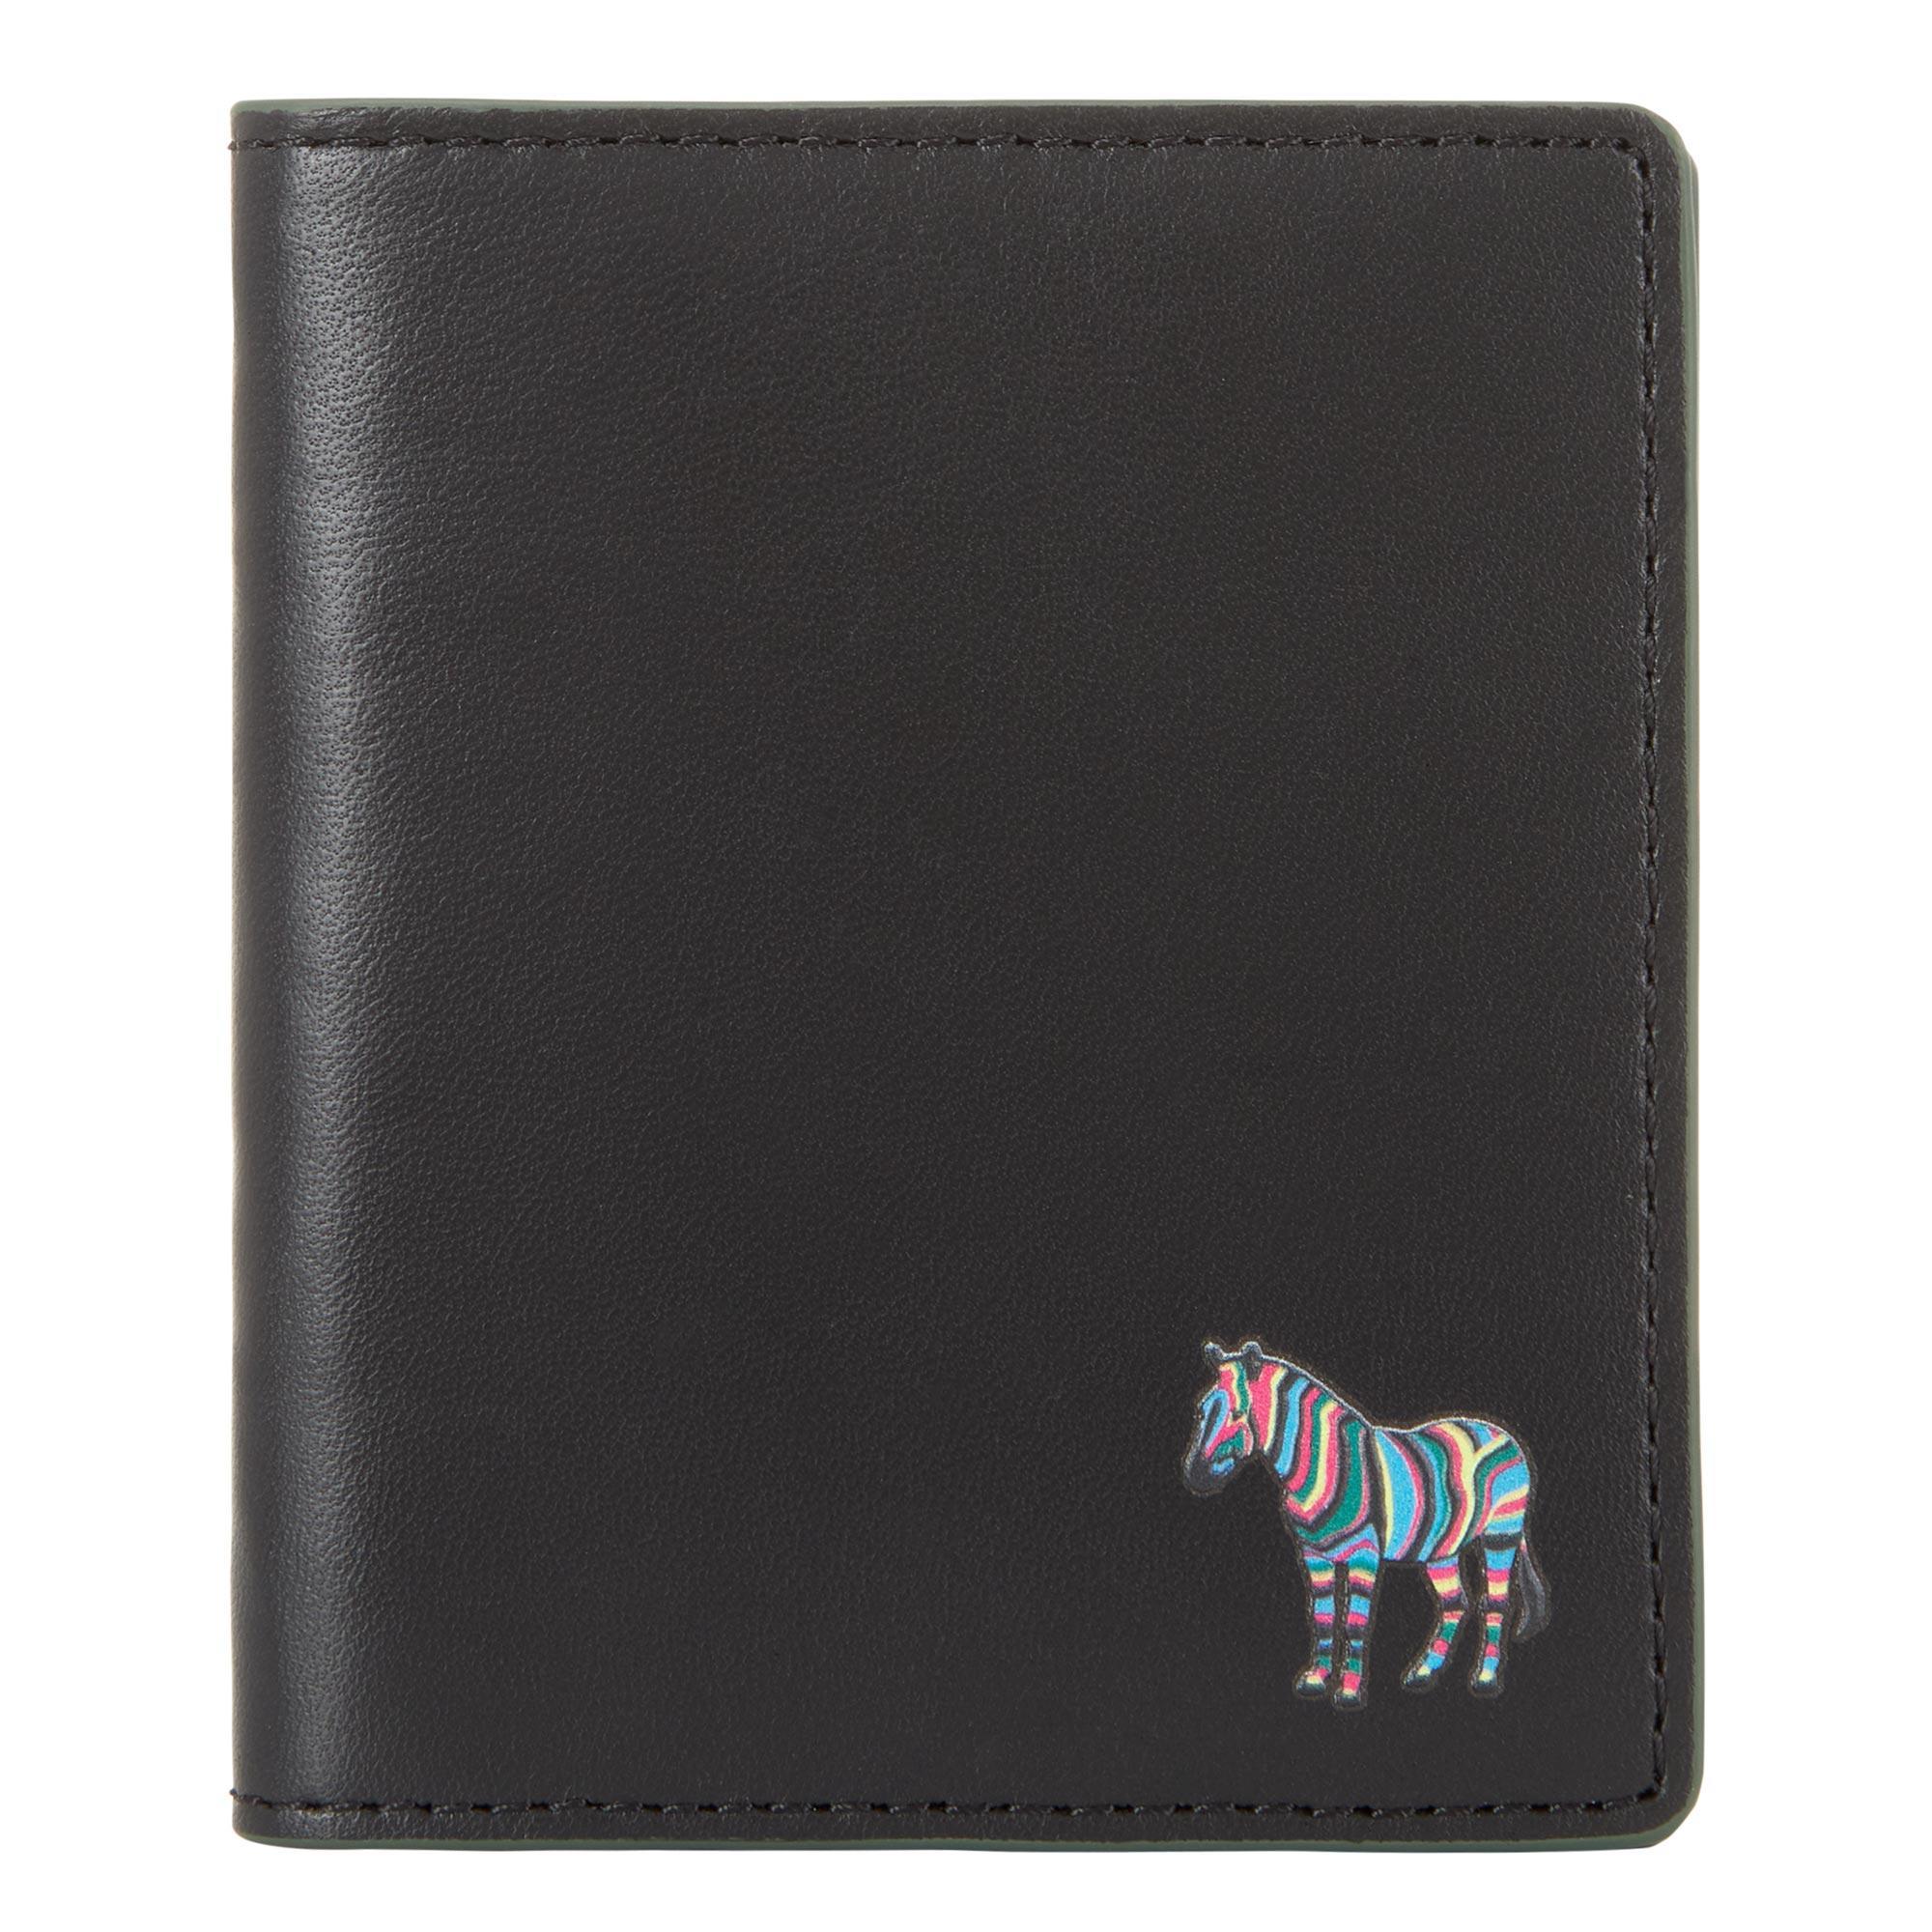 Zebra Cardholder